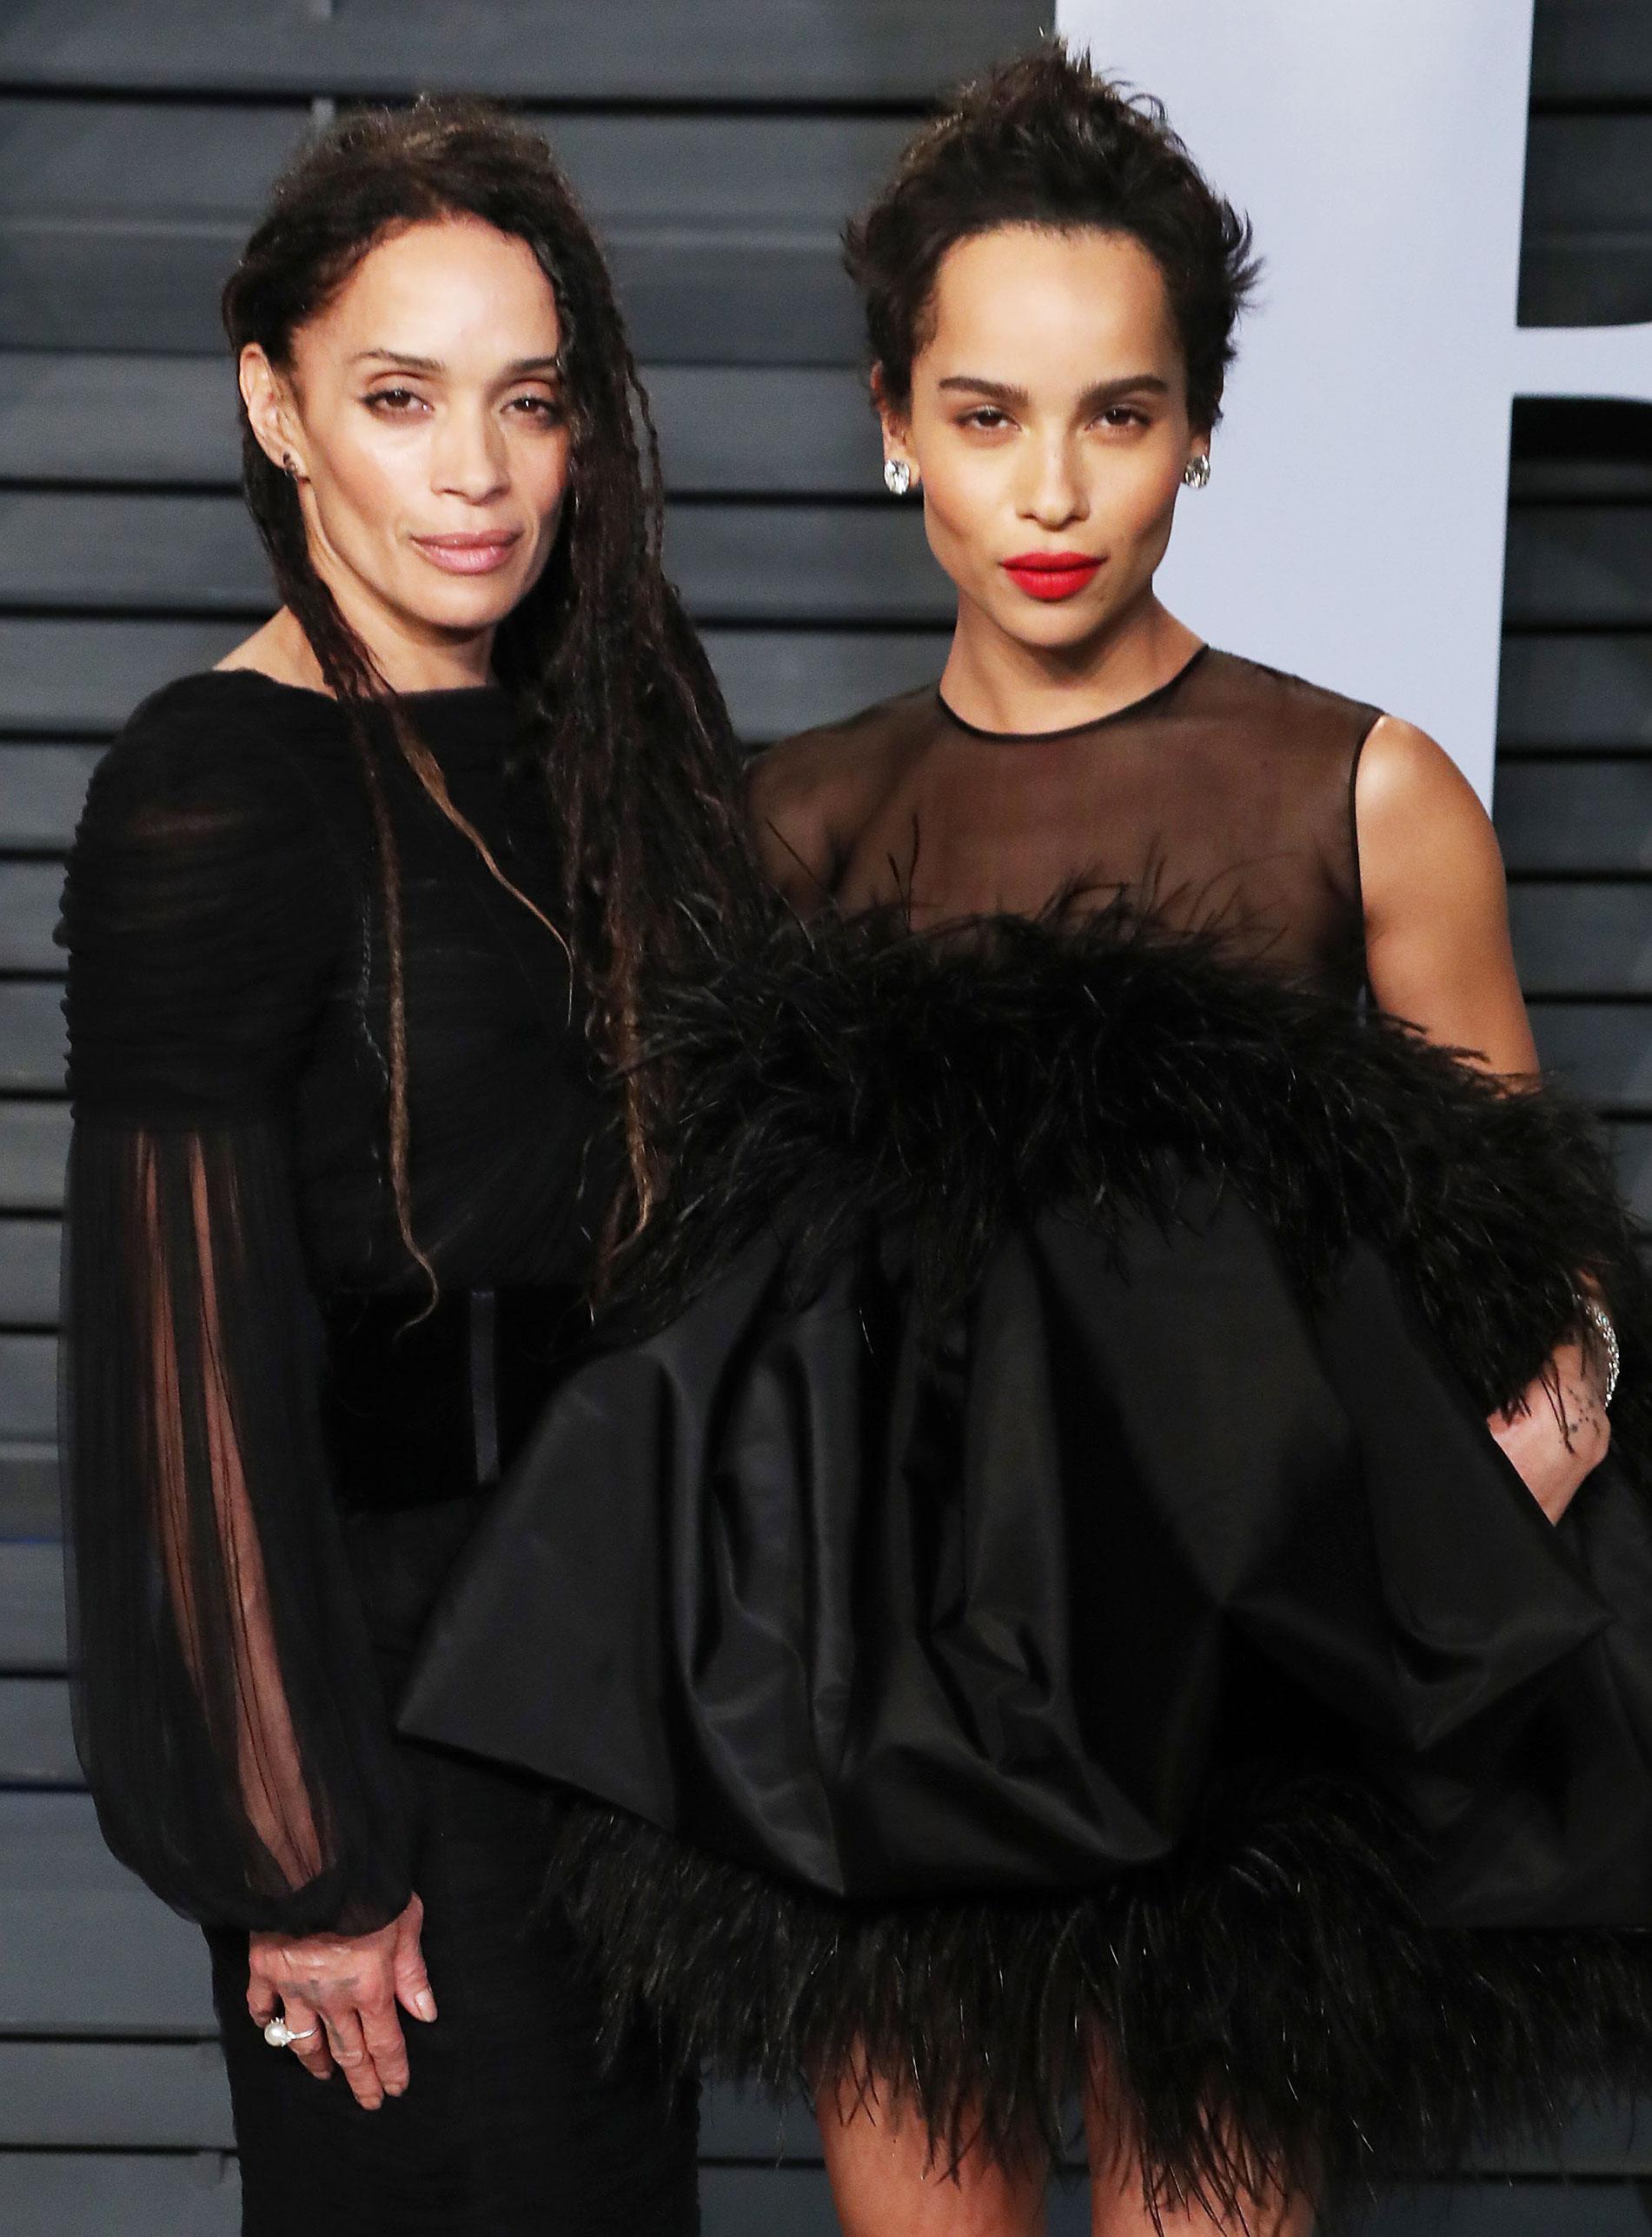 Zoe Kravitz Learned This Beauty Secret From Mom Lisa Bonet